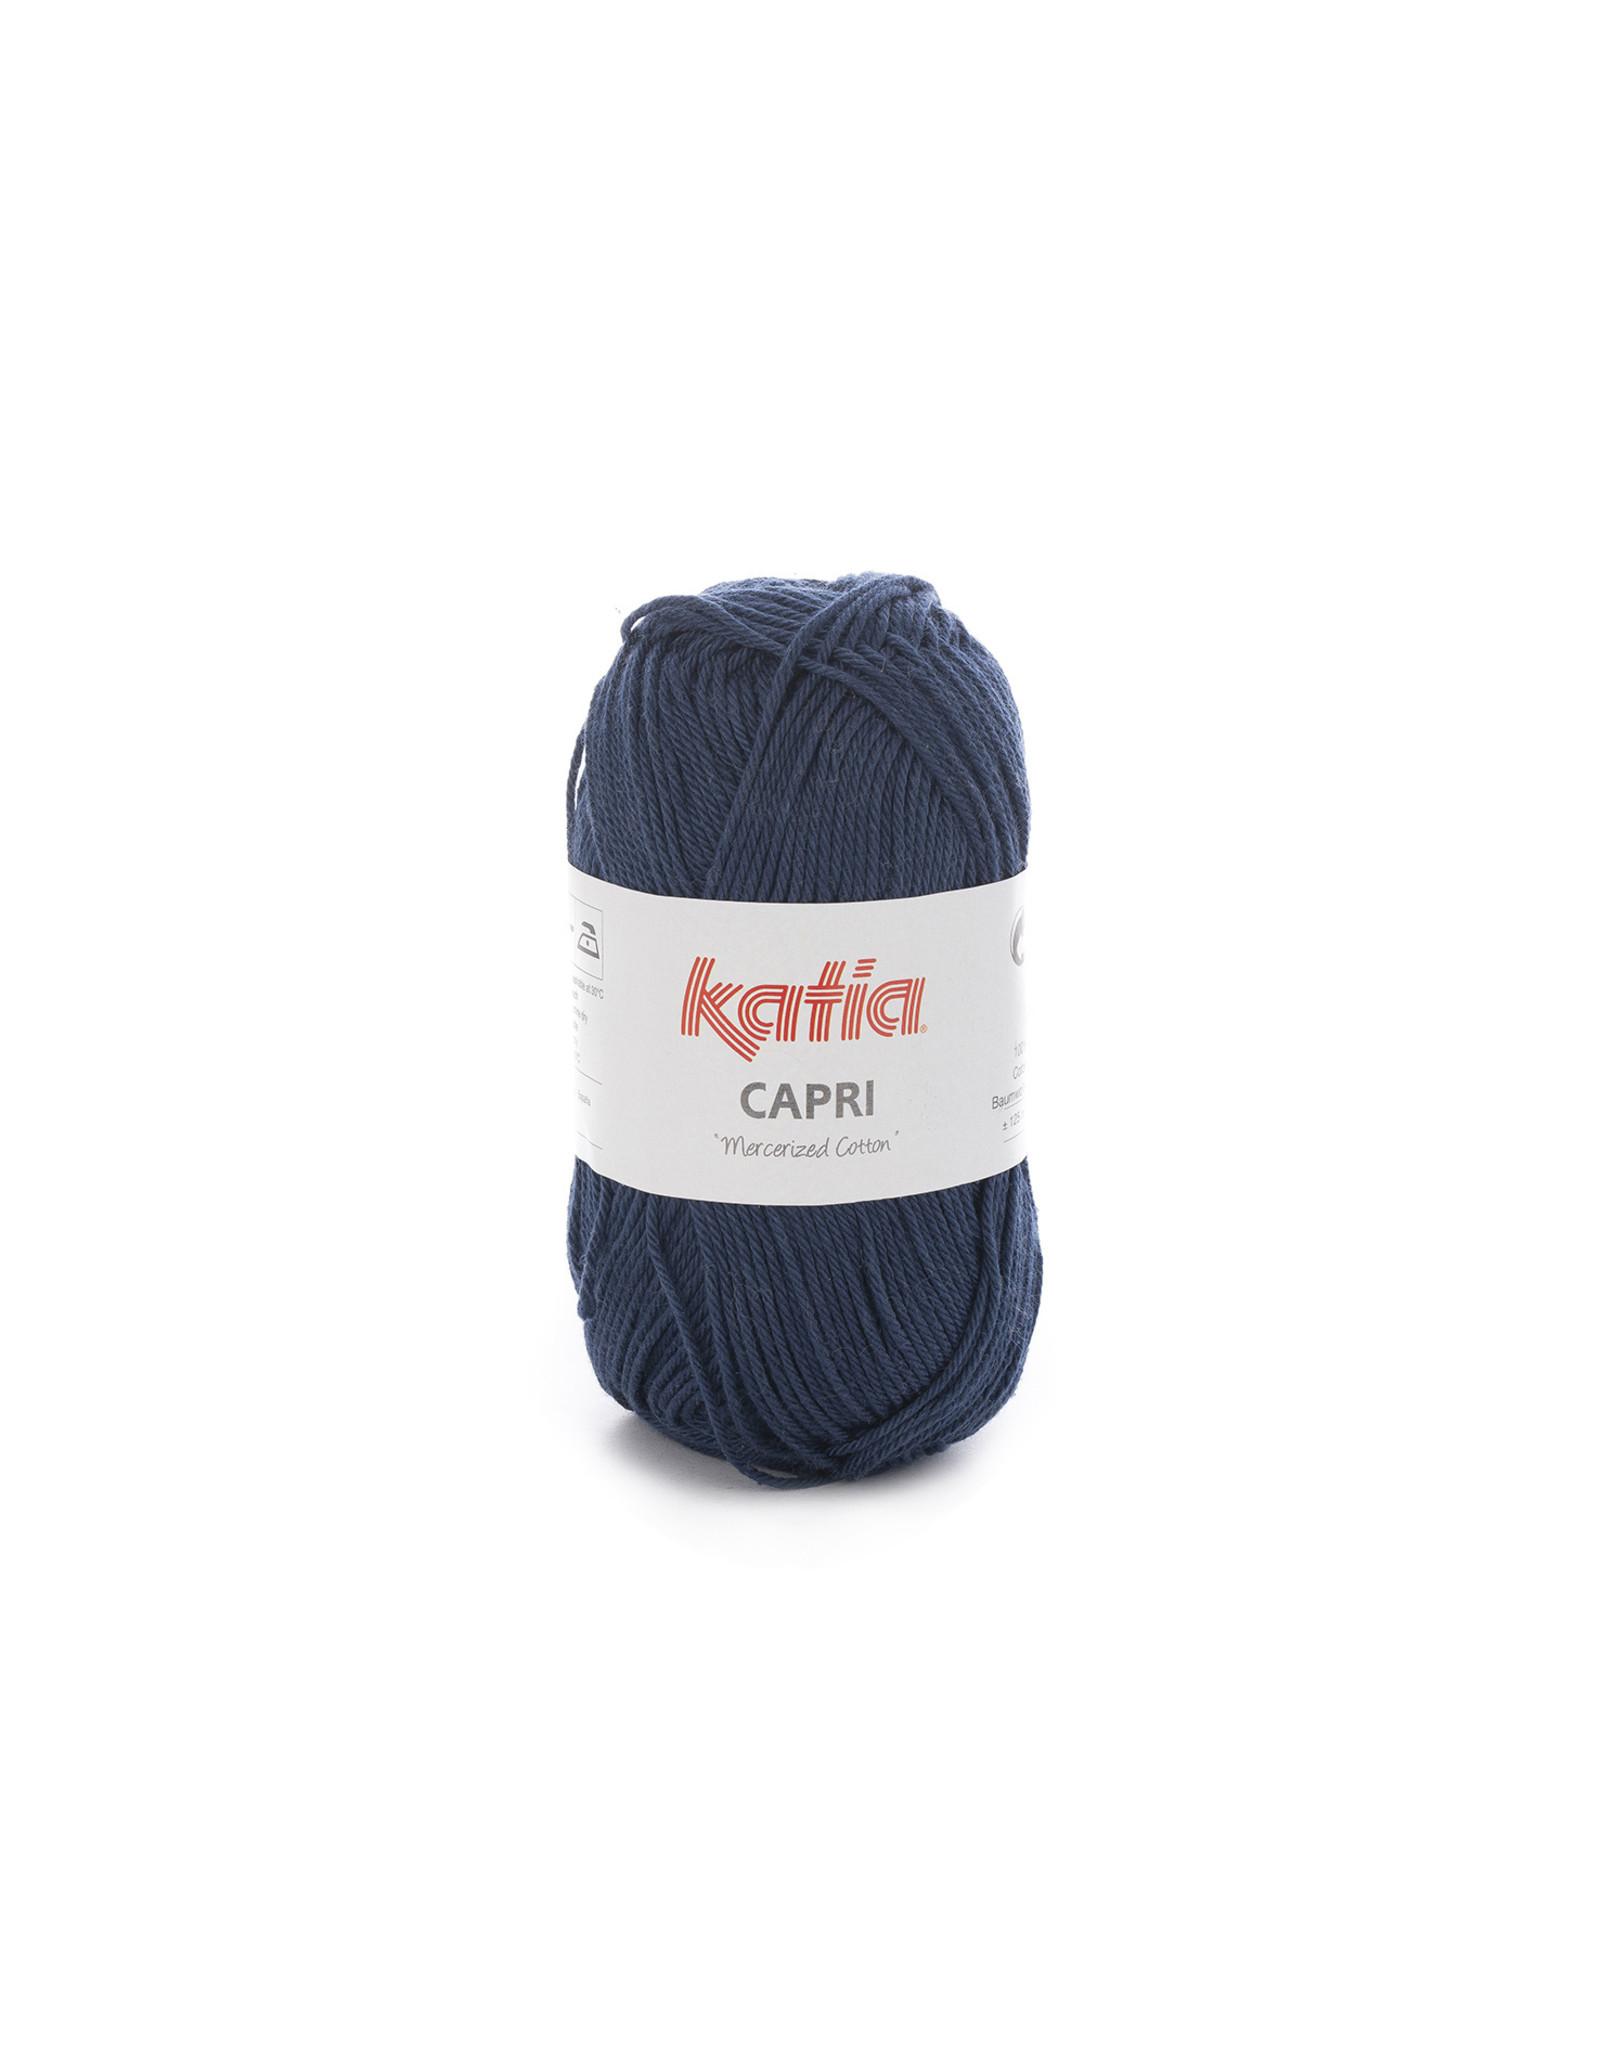 Katia Katia Capri - kleur 66 Donker blauw - bundel 5 x 50 gr. / 125 m. - 100% katoen